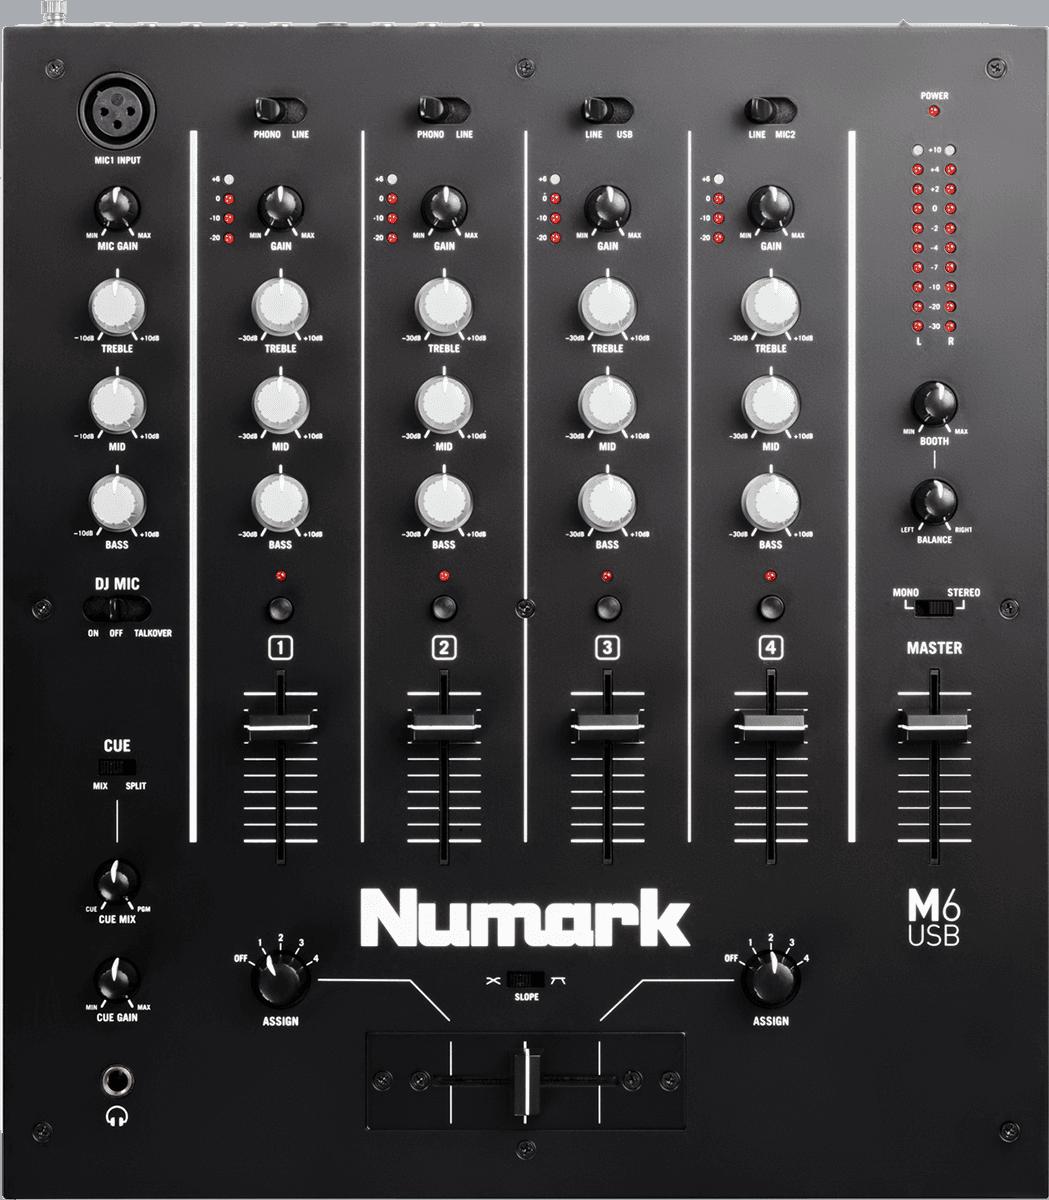 Numark m6usb la boite noire du musicien - Table de mixage vinyle ...